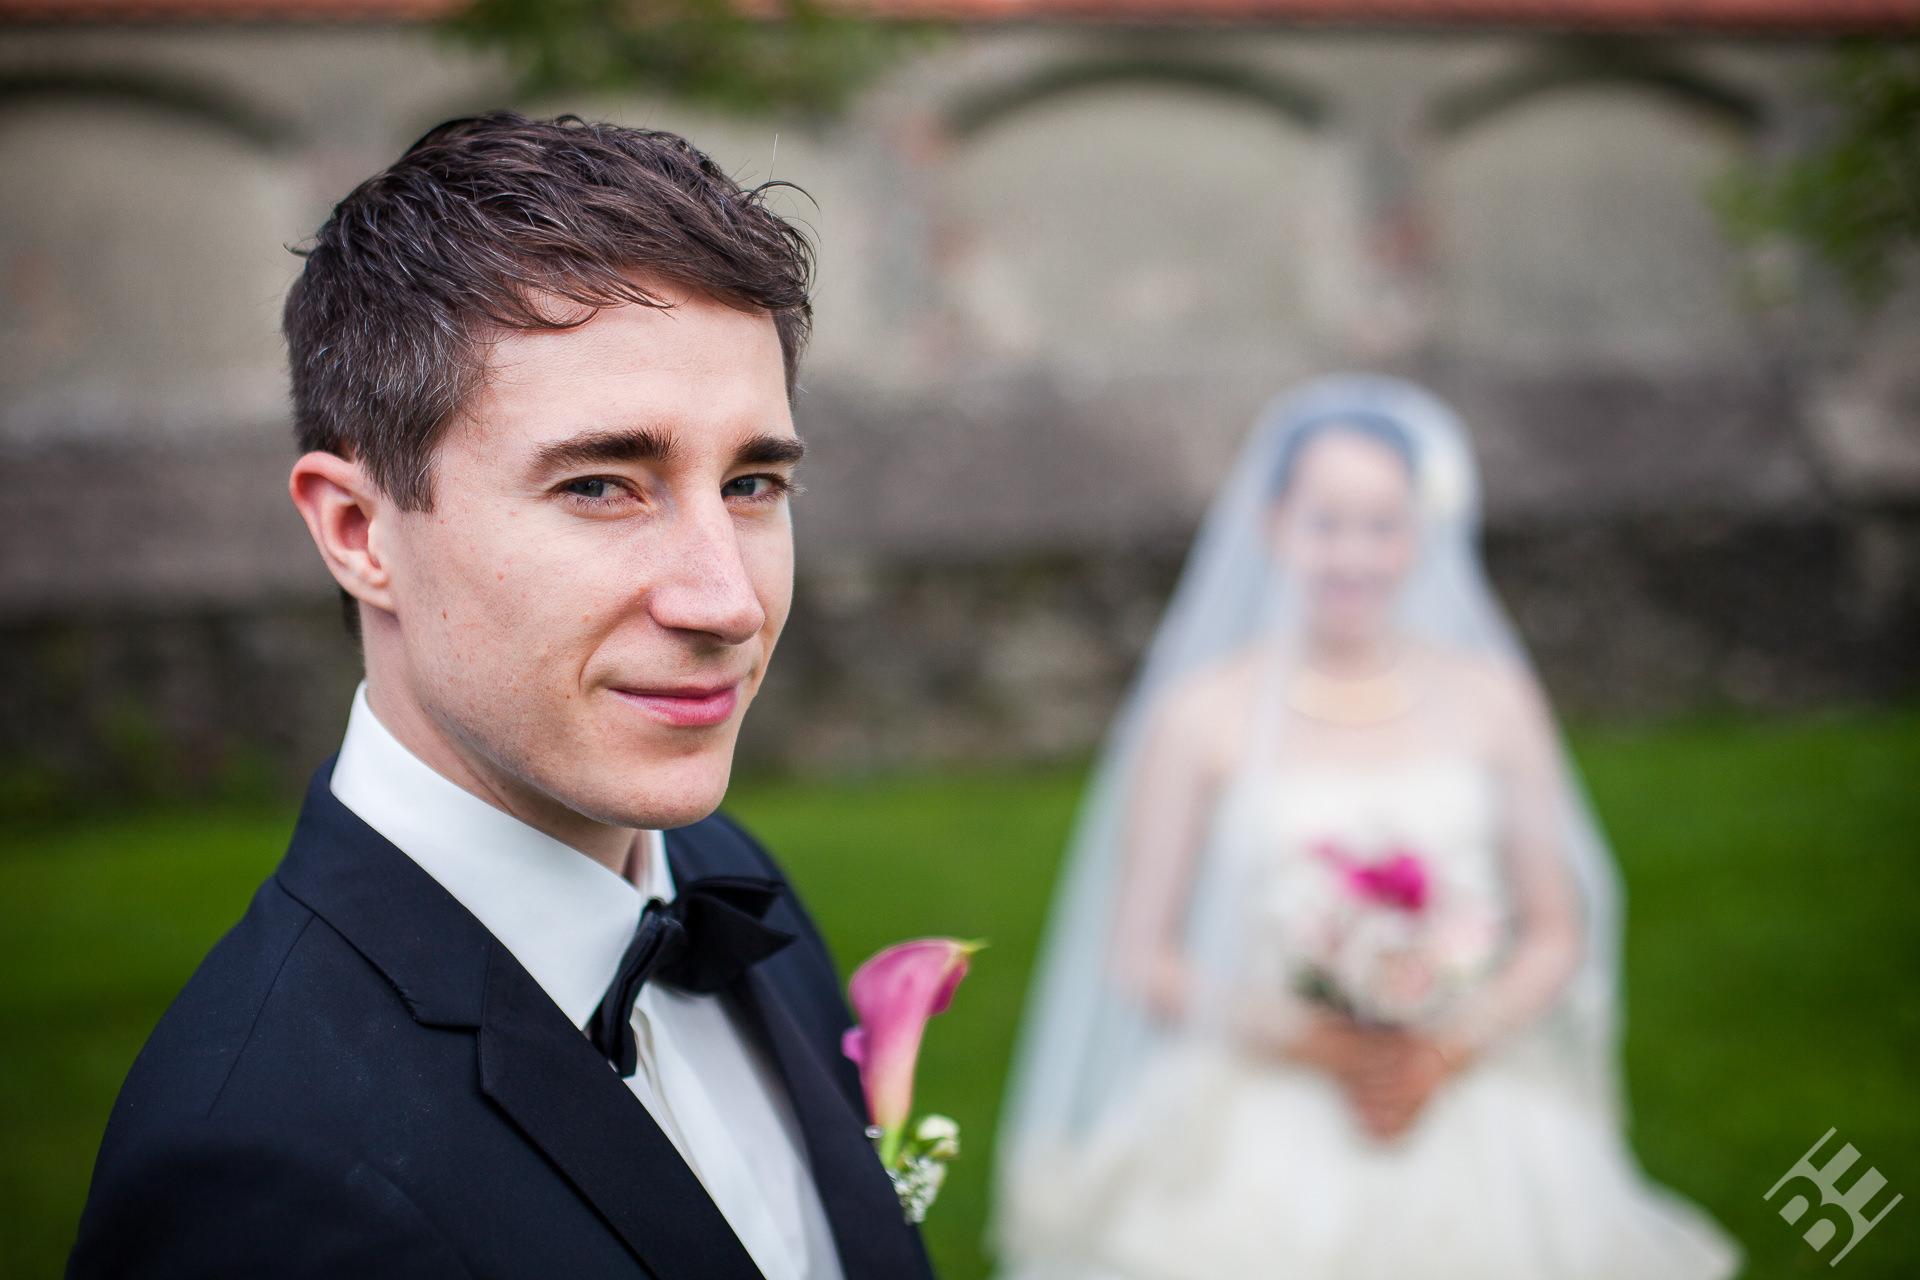 Hochzeit_74_IMG_0672_Volen_Evtimov